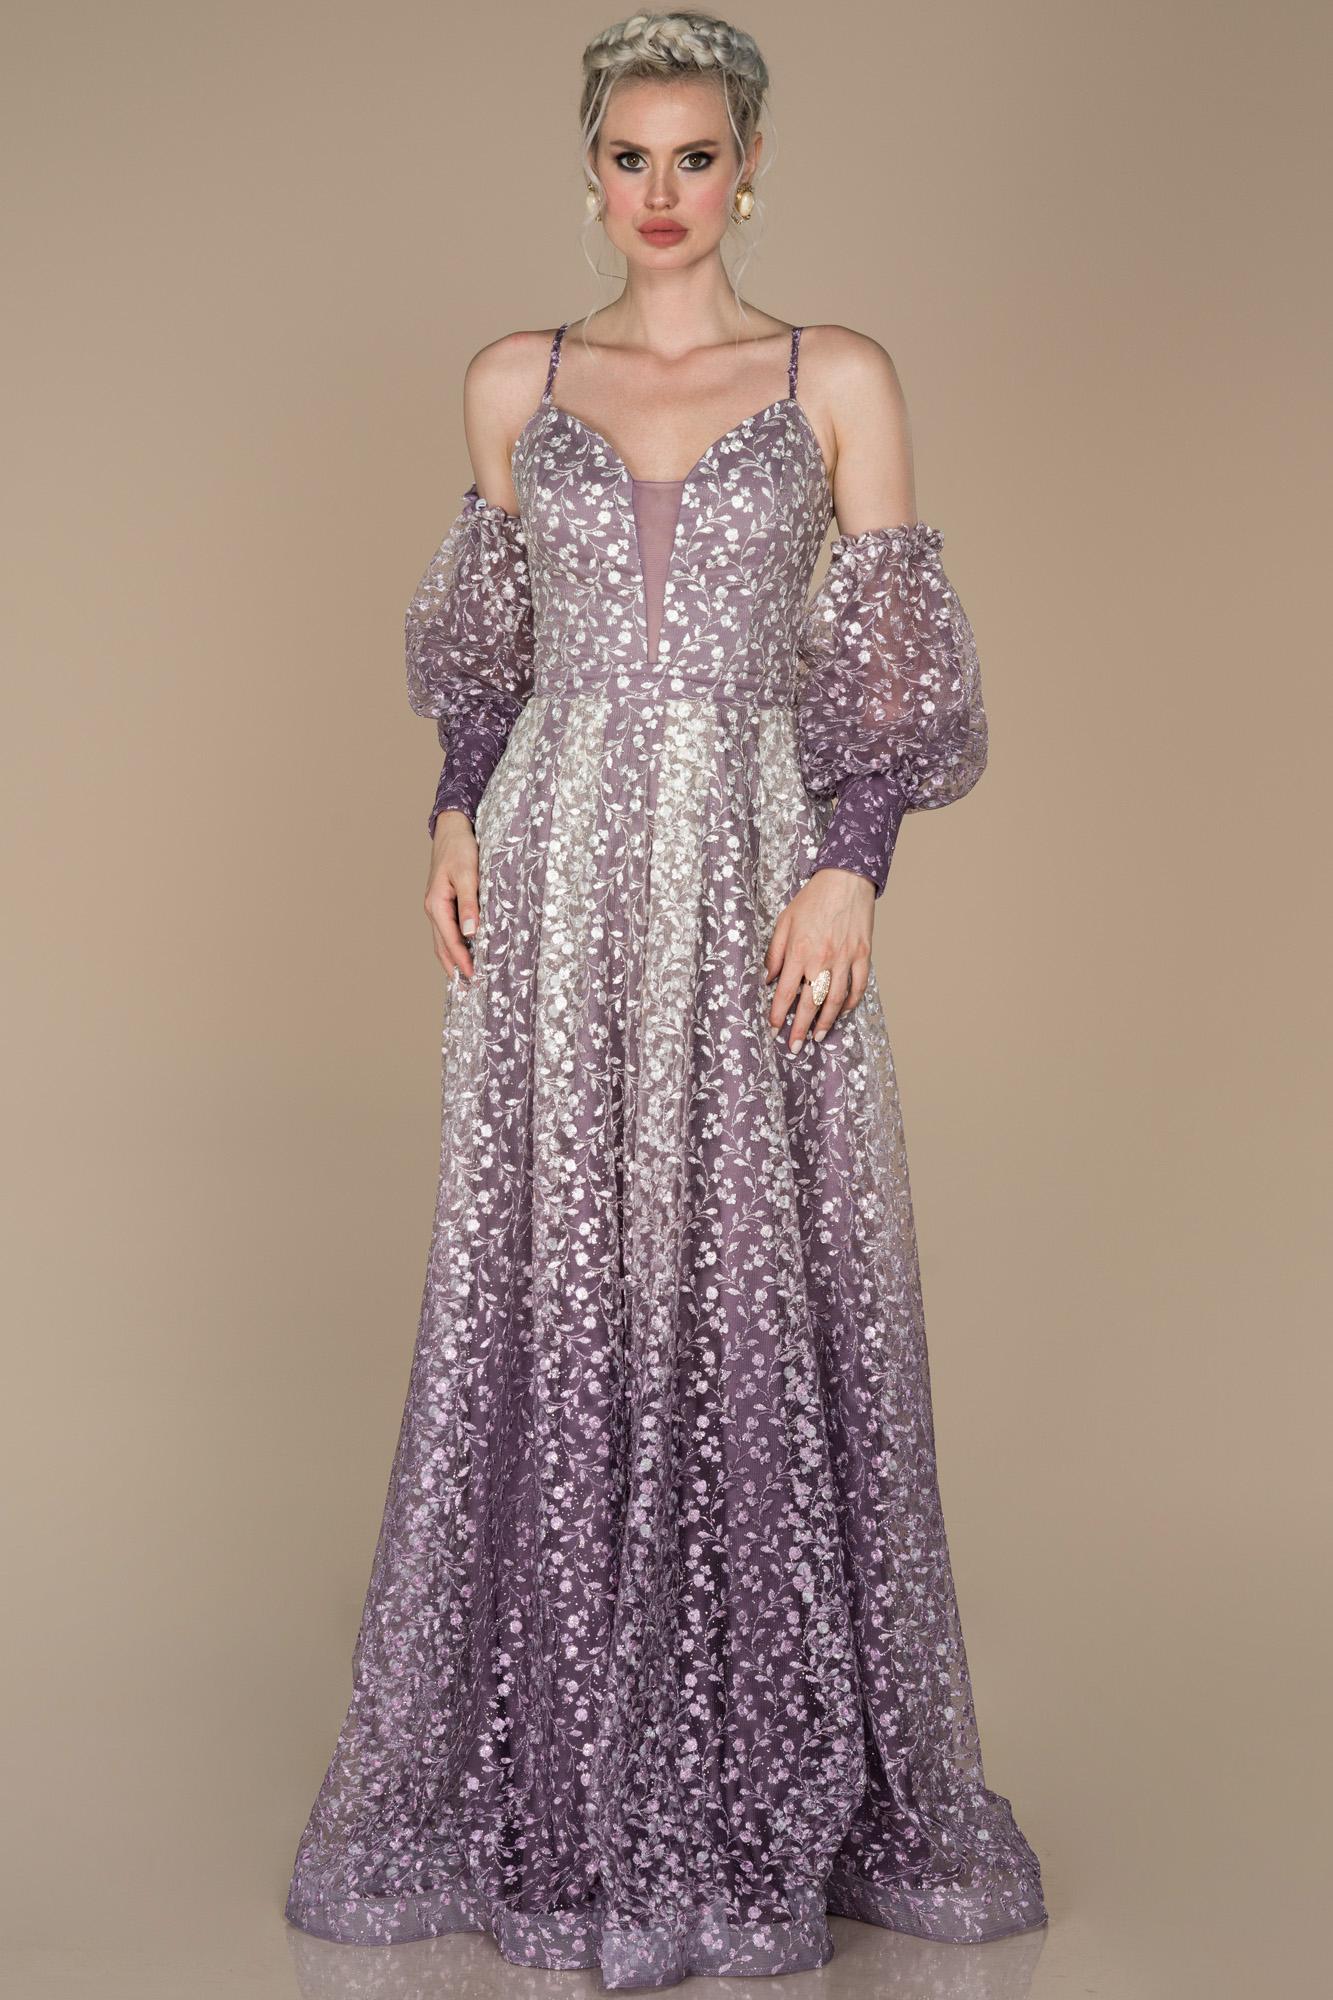 Mor Balon Kol Güpürlü Nişan Elbisesi